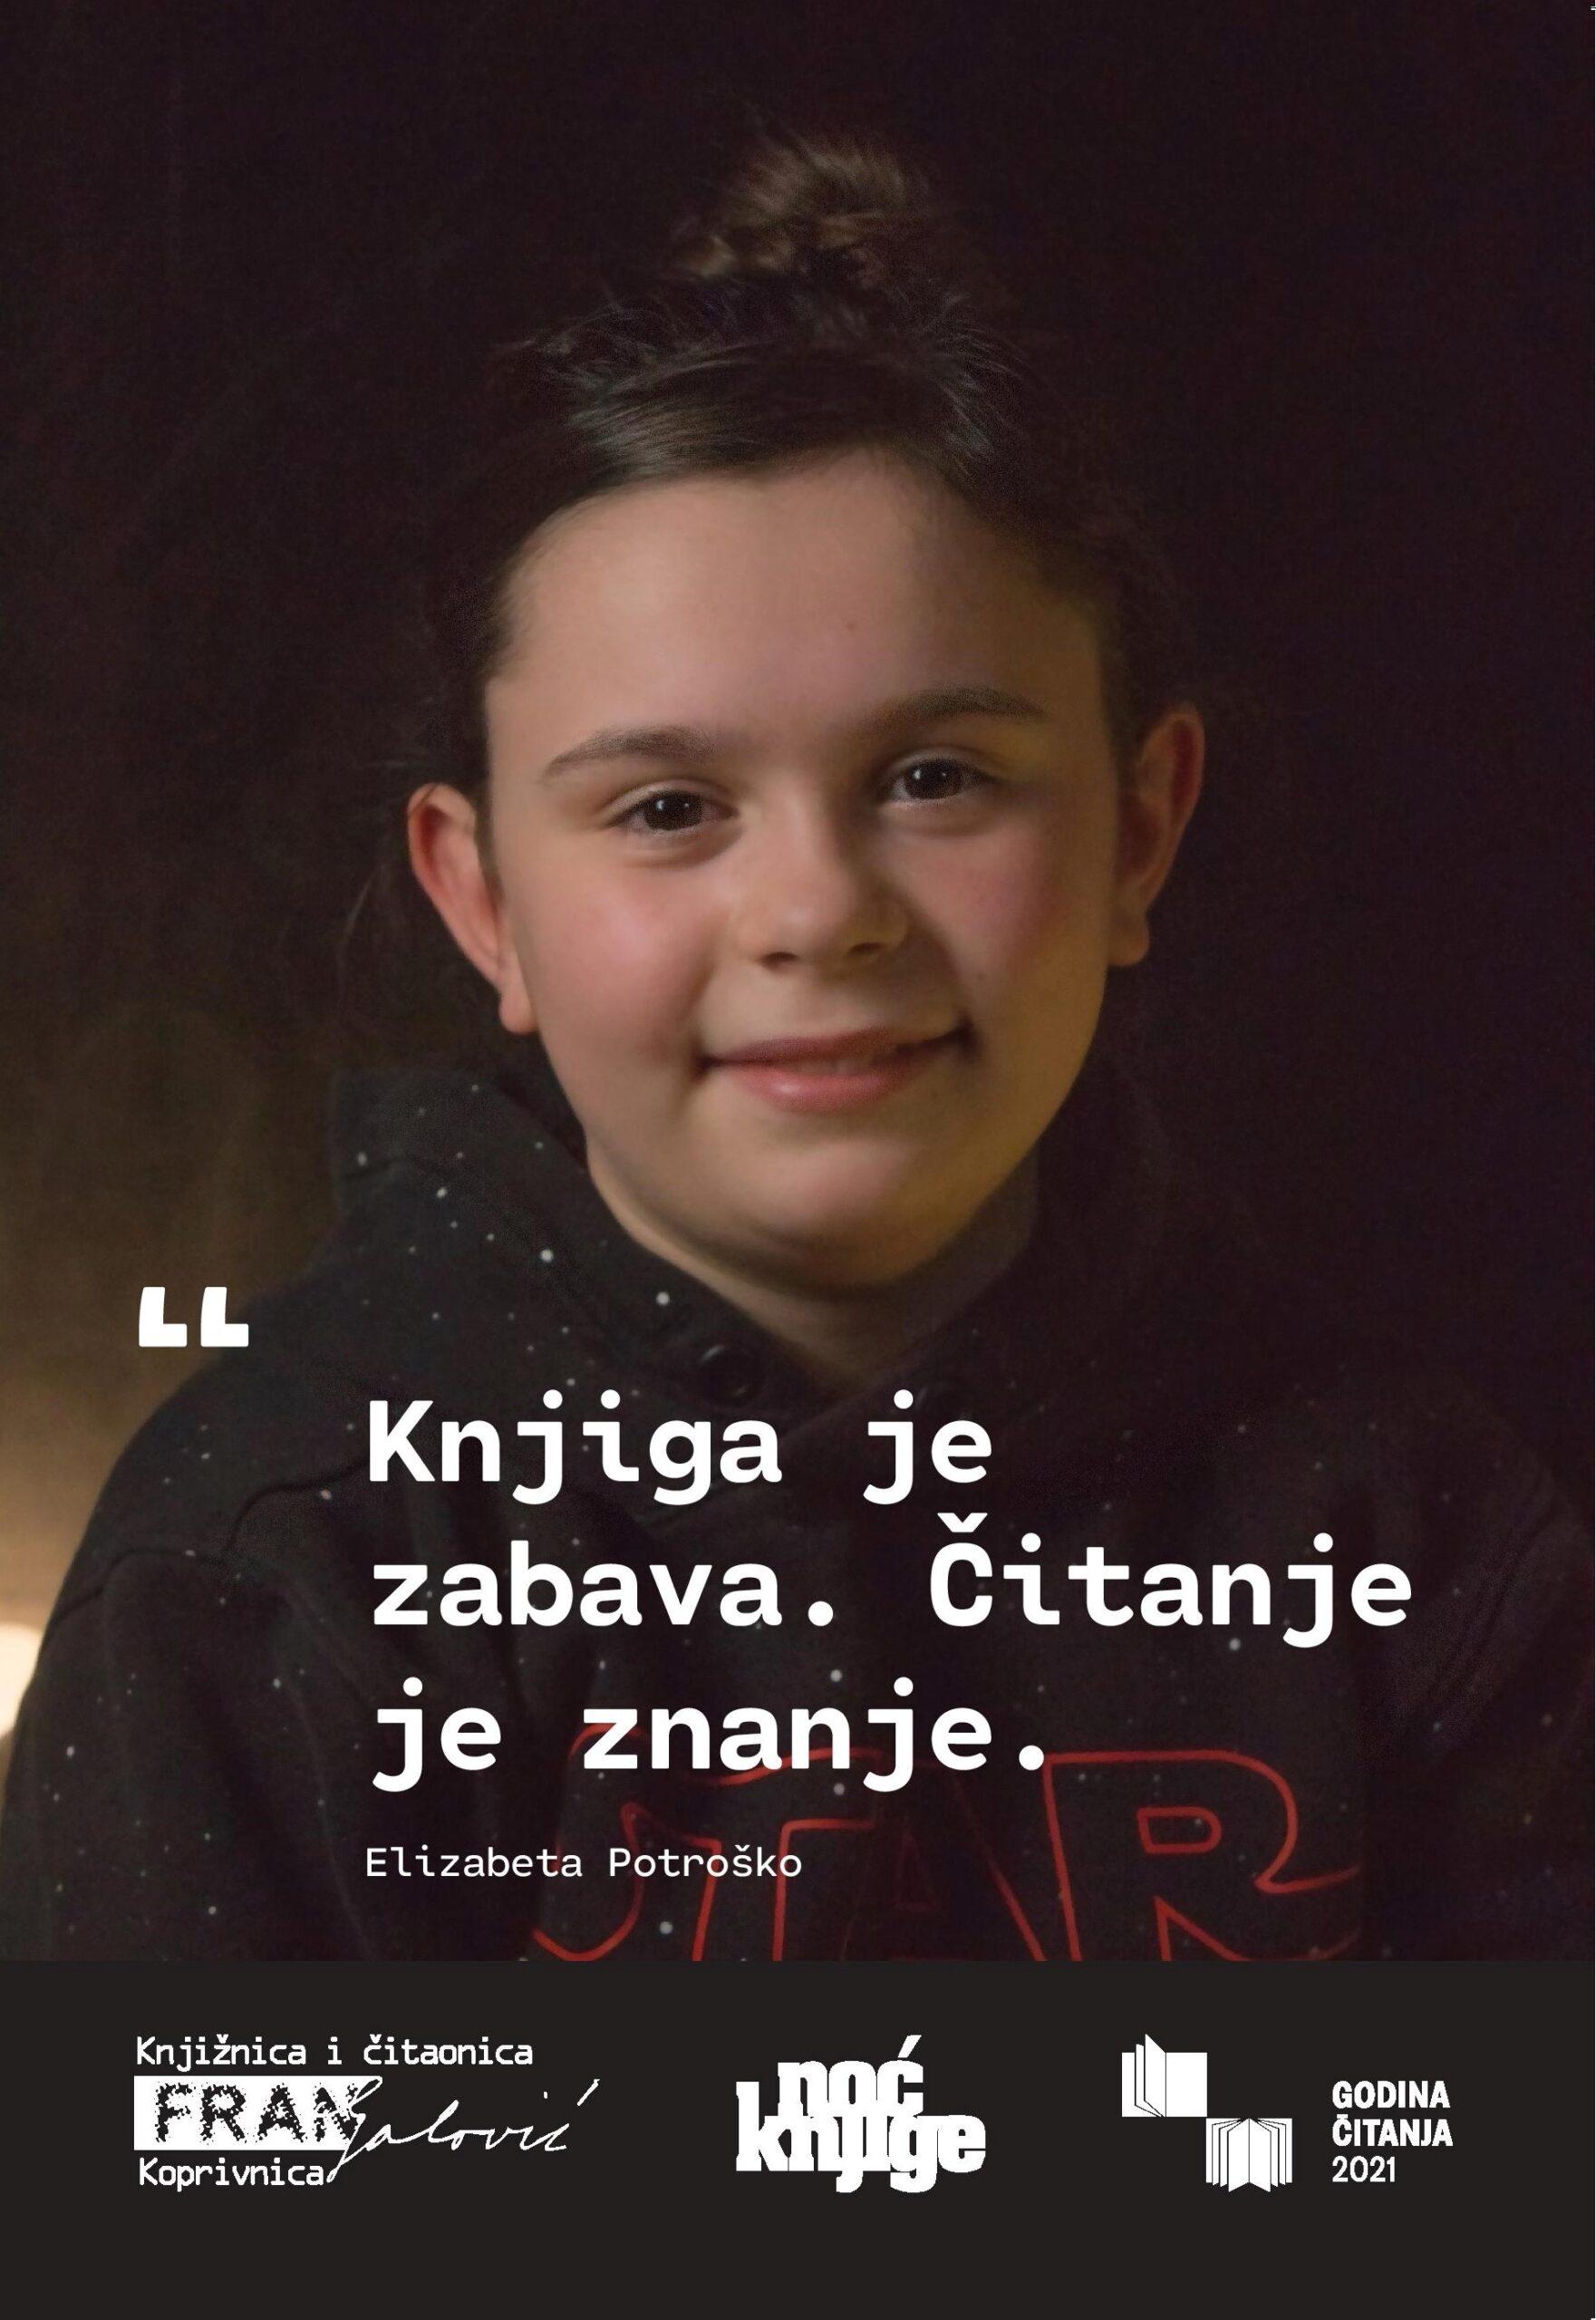 Elizabeta Potroško